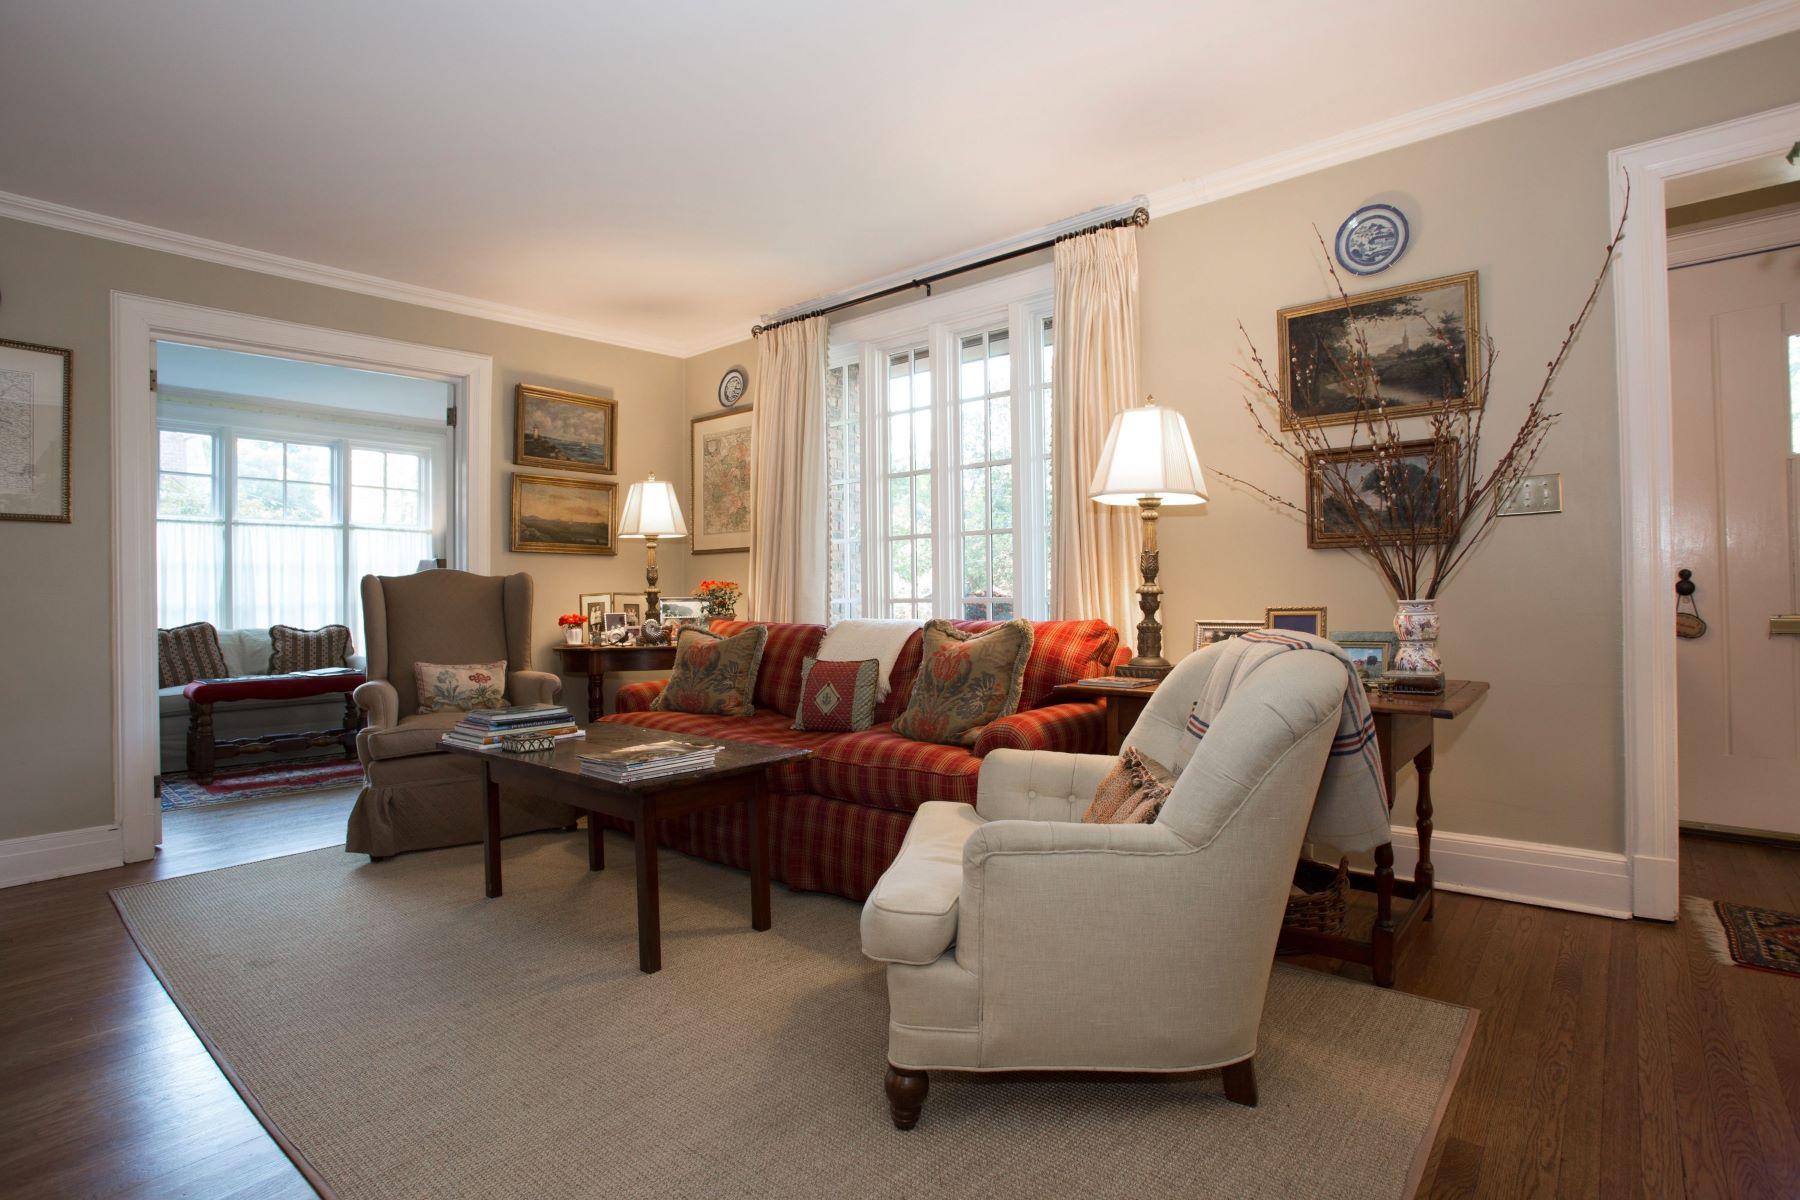 Duplex for Rent at Tudor Duplex Rental 57 Pomander Walk, Ridgewood, New Jersey 07450 United States